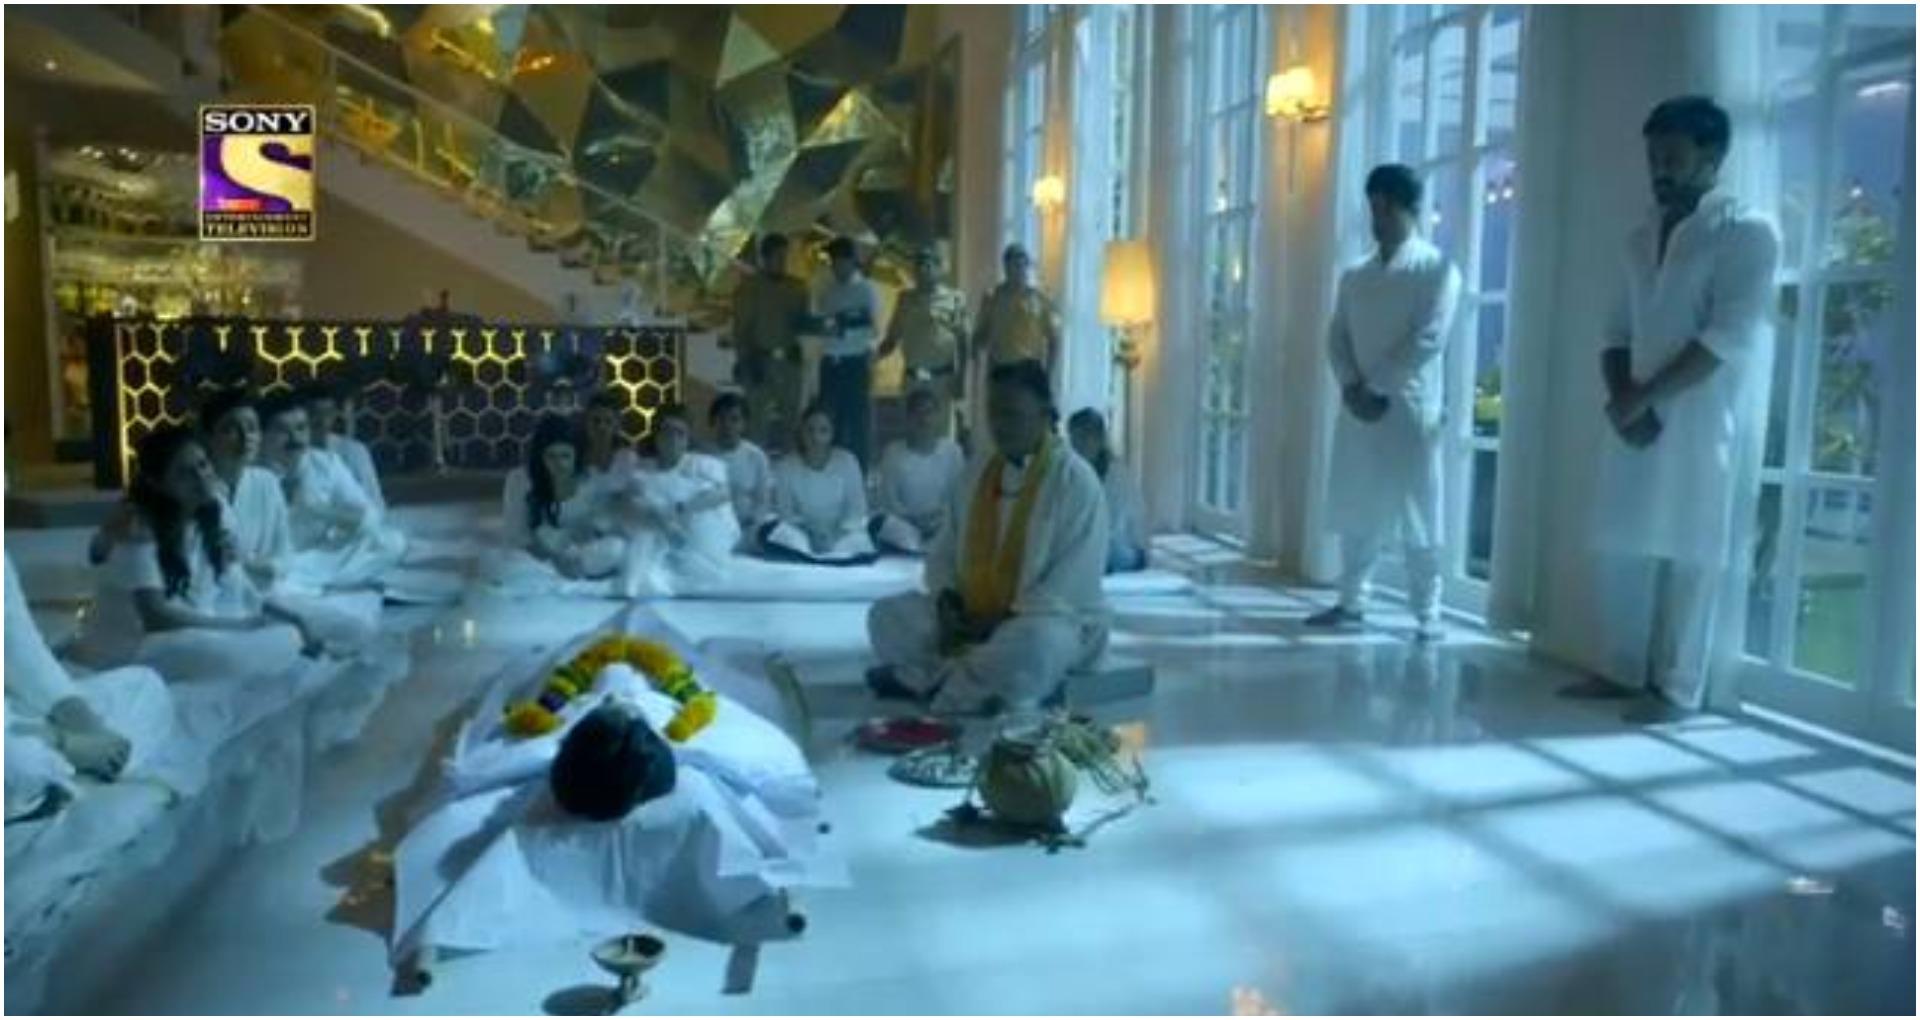 Beyhadh 2 Preview, 16 January 2020: क्या माया रूद्र को ऋषि की मौत की सच्चाई बतायेगी?